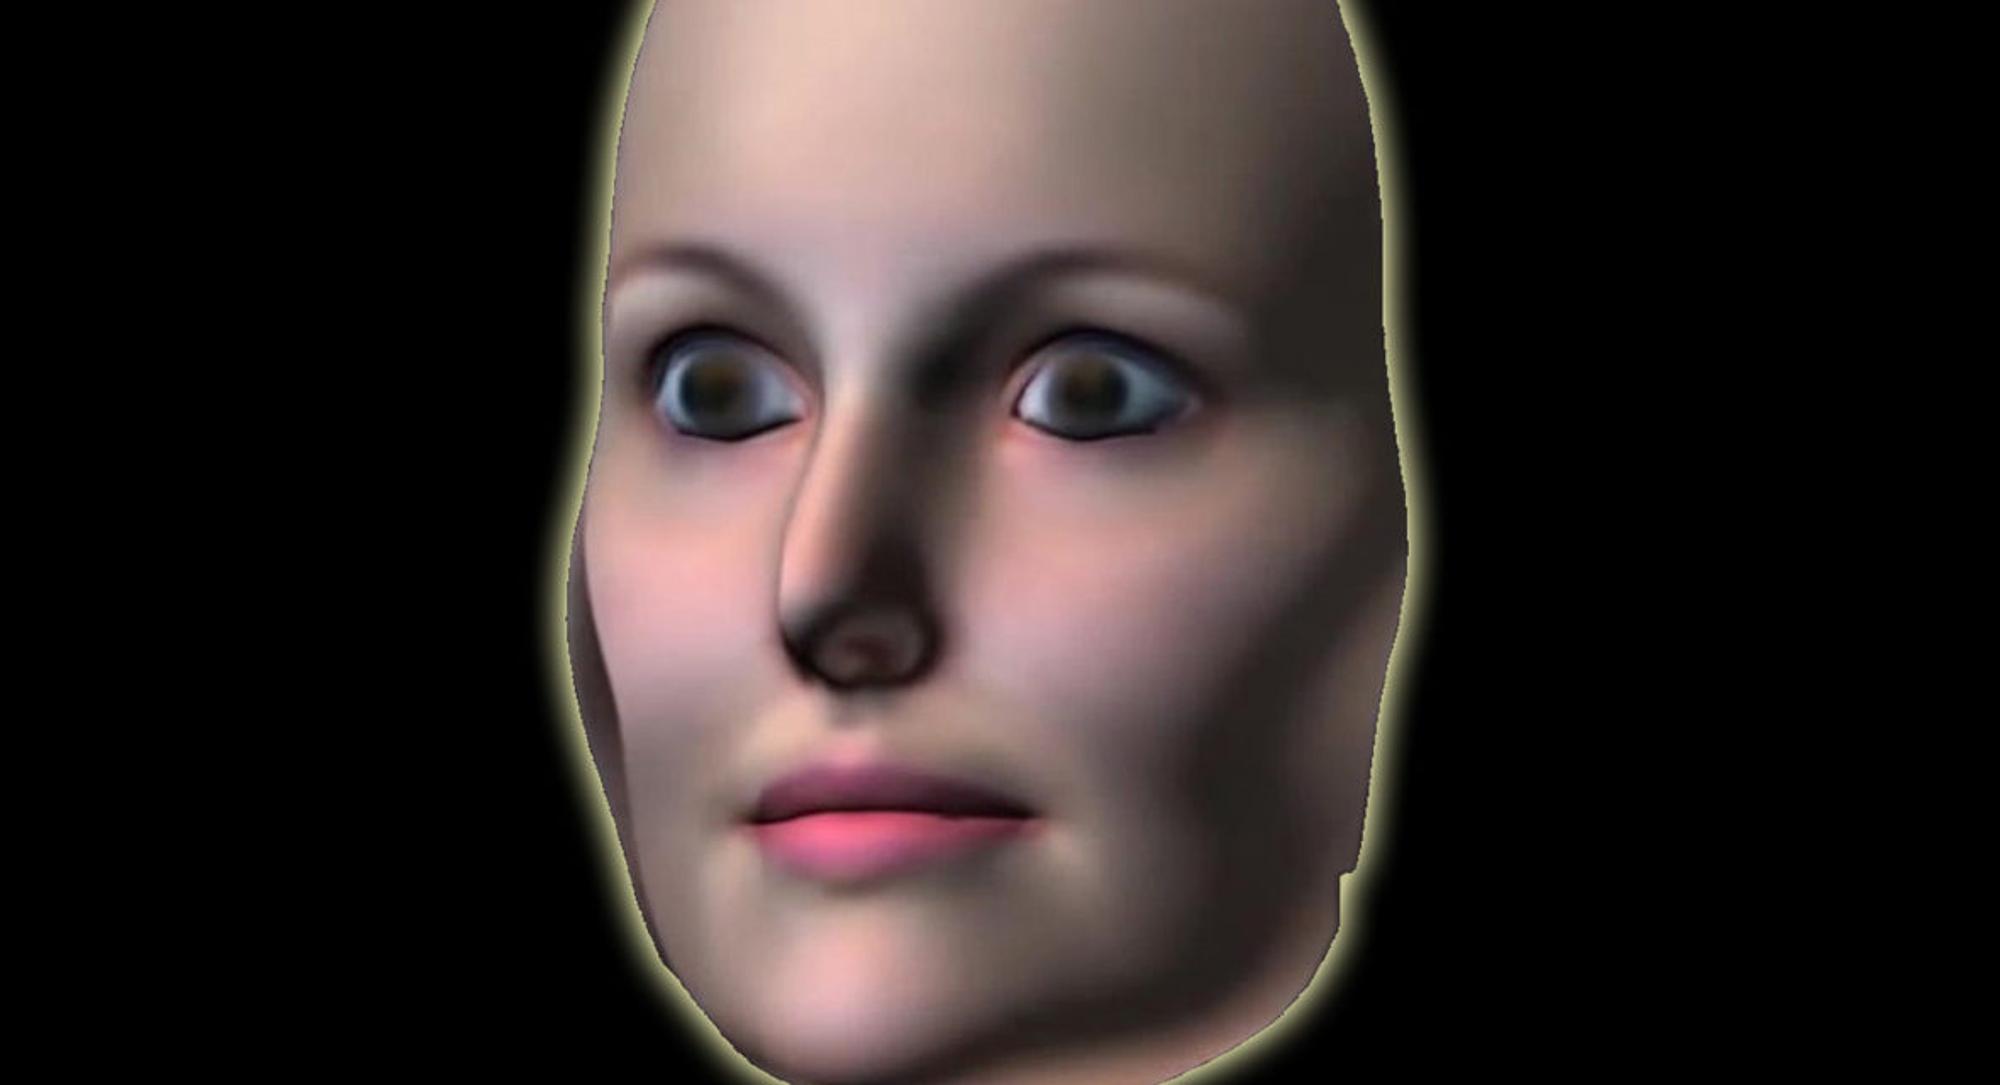 Bin ich schizophren? Bei diesem Schizophrenie-Test kannst du es mit nur einem Blick auf dieses Bild herausfinden - wissenschaftlich bewiesen!